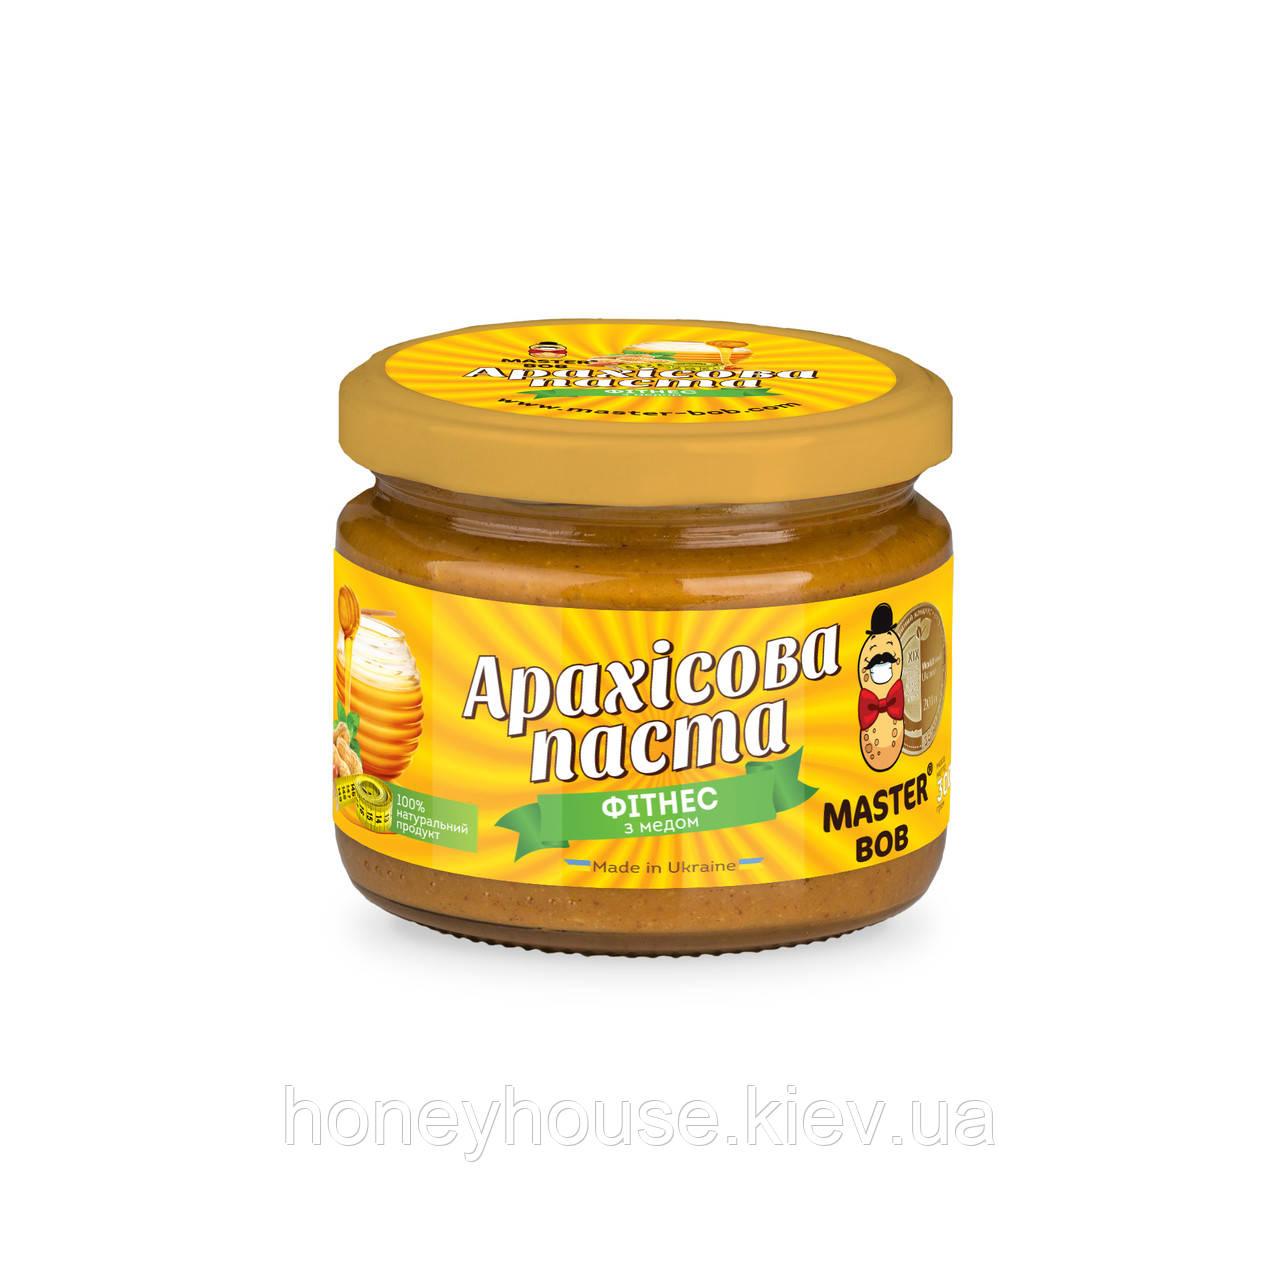 Паста арахисовая фитнесс с медом ТМ Мастер Боб, 300гр